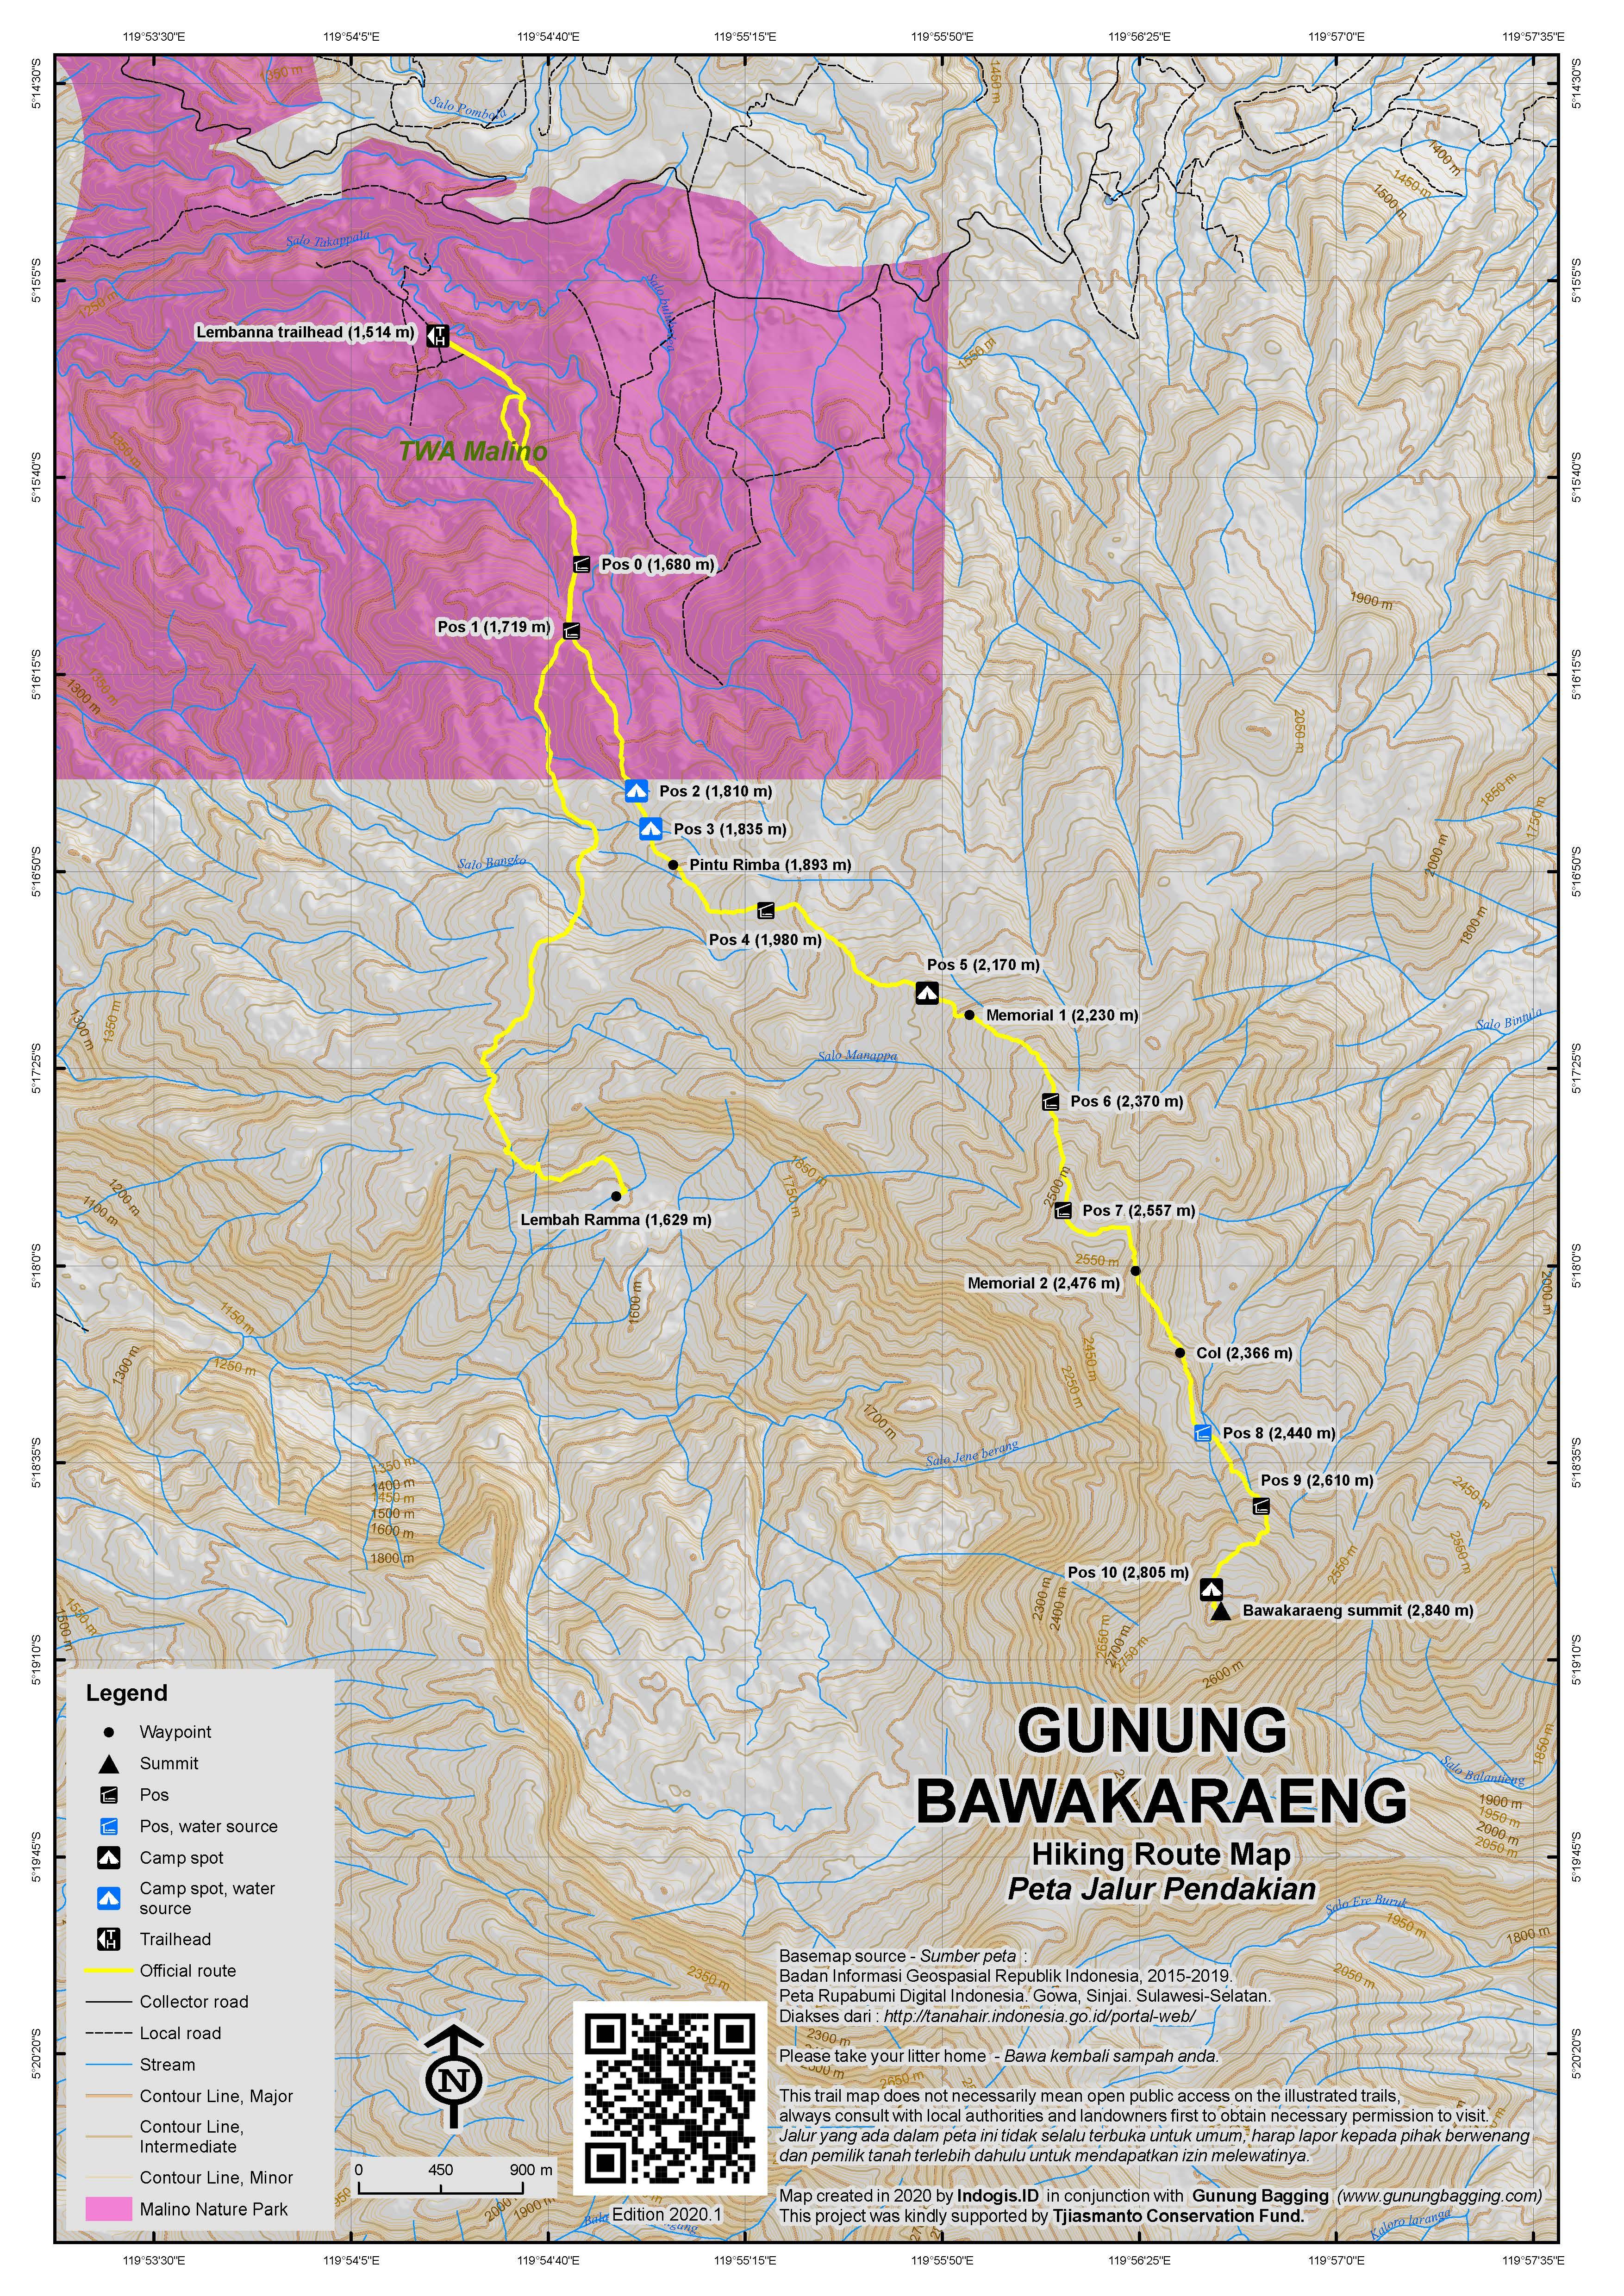 Peta Jalur Pendakian Gunung Bawakaraeng